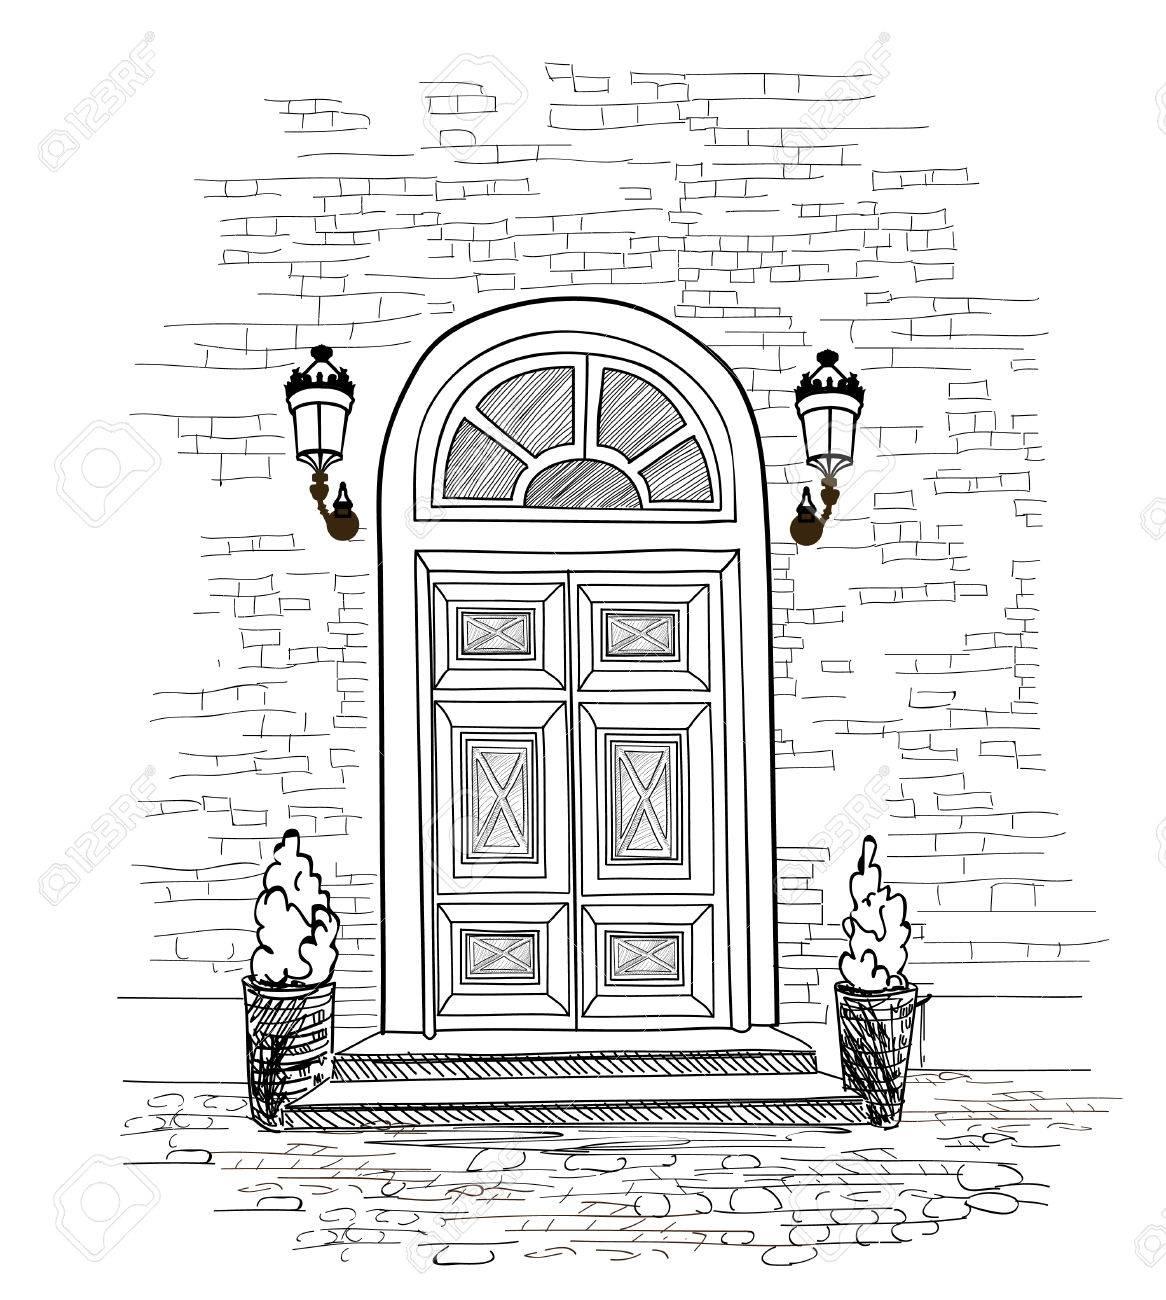 Door background. House door entrance hand drawing illustration - 60824816